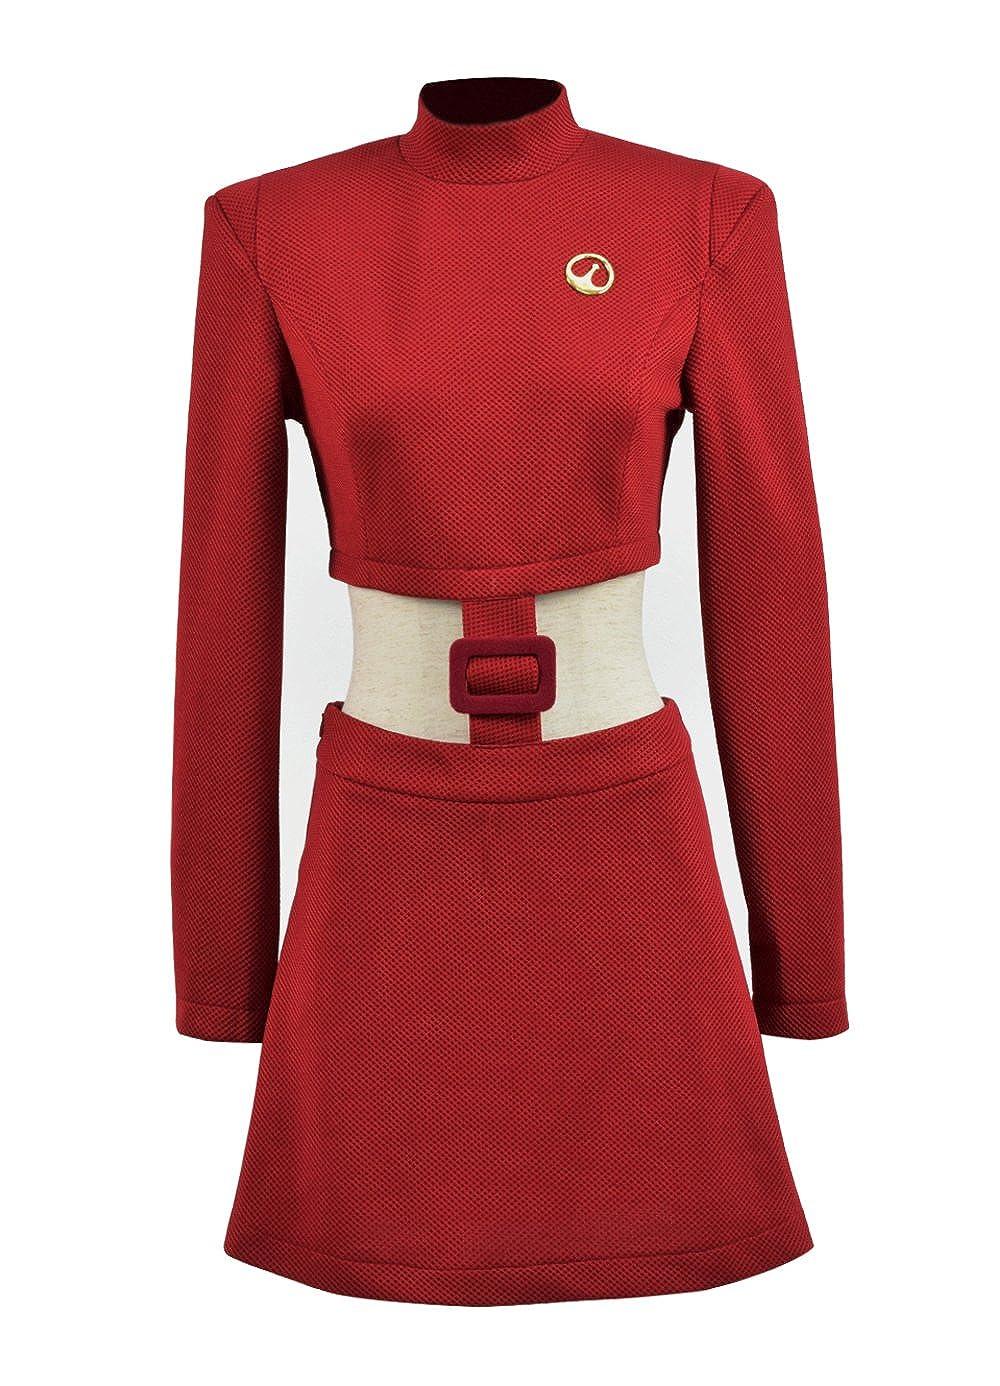 Yewei Fernsehen Mirror Season 4 Kostüm Folge 01 Callister Crew Kostüm 5 Stile B07G5SF2XZ Kostüme für Erwachsene Zu verkaufen  | Fierce Kaufen